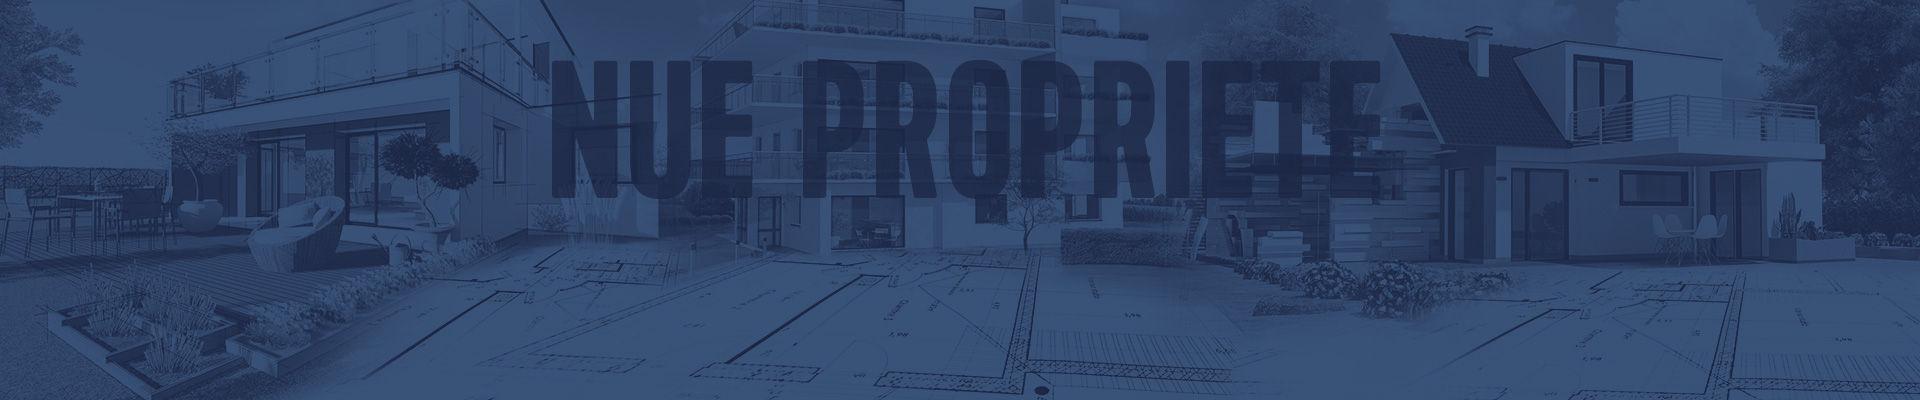 investir en nue propriété